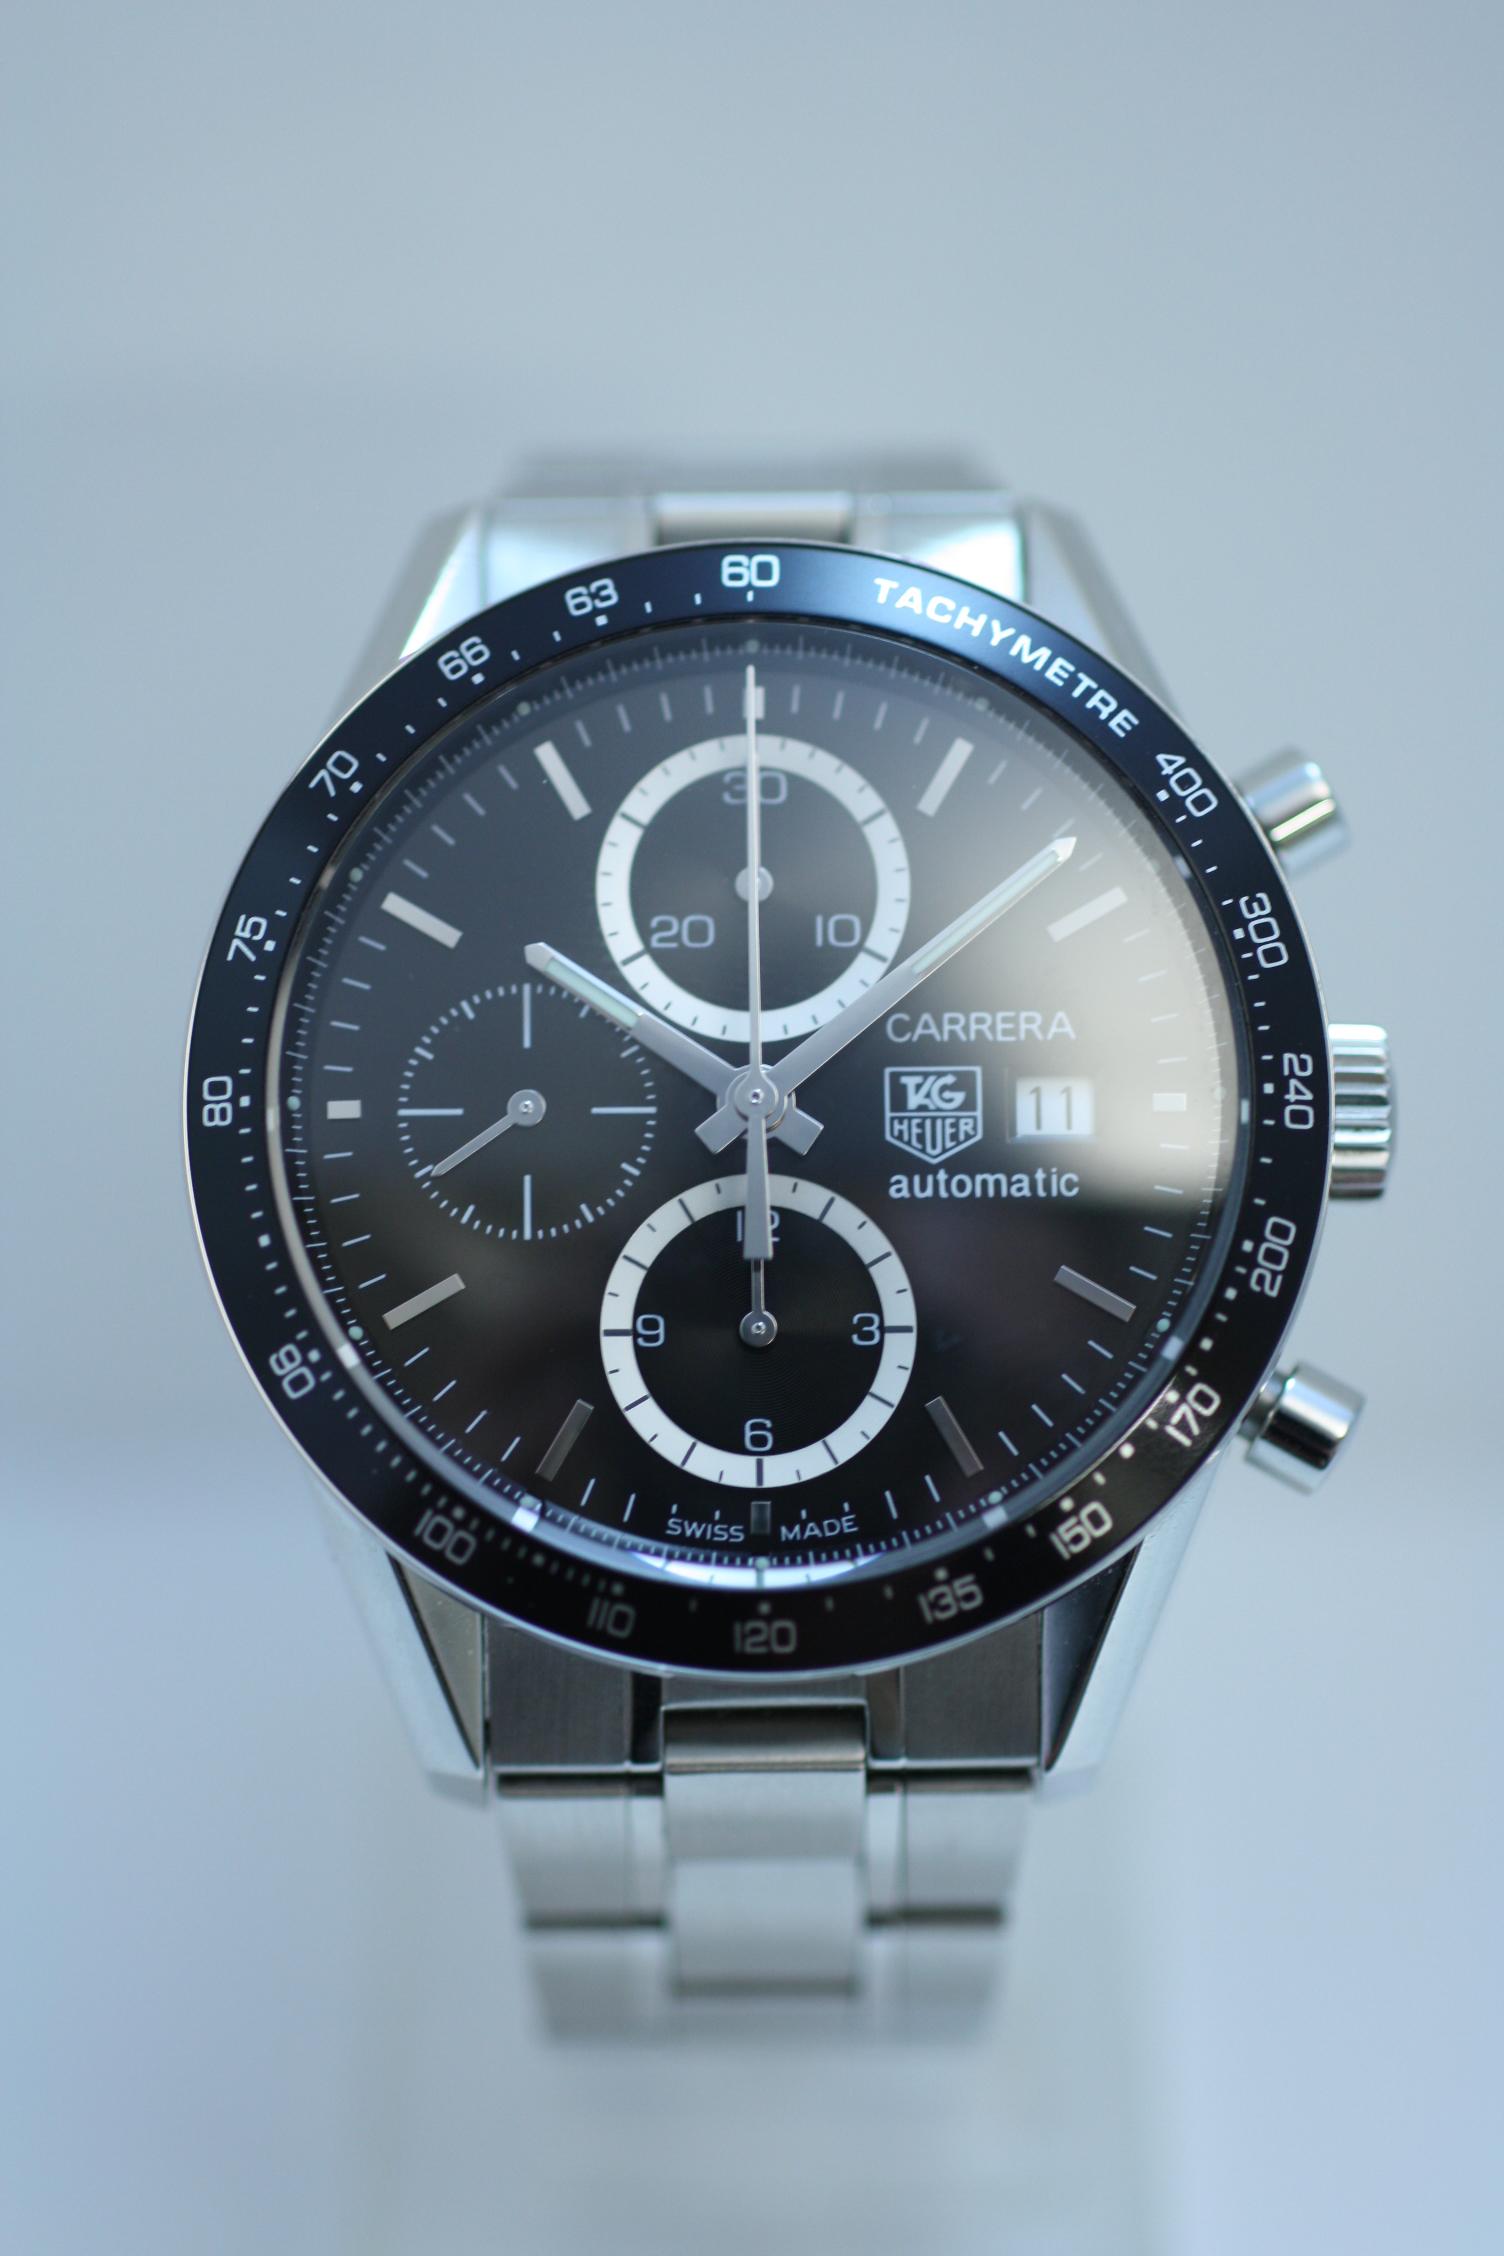 cv2010 ba0786 タグホイヤー カレラクロノグラフの買取実績 時計買取